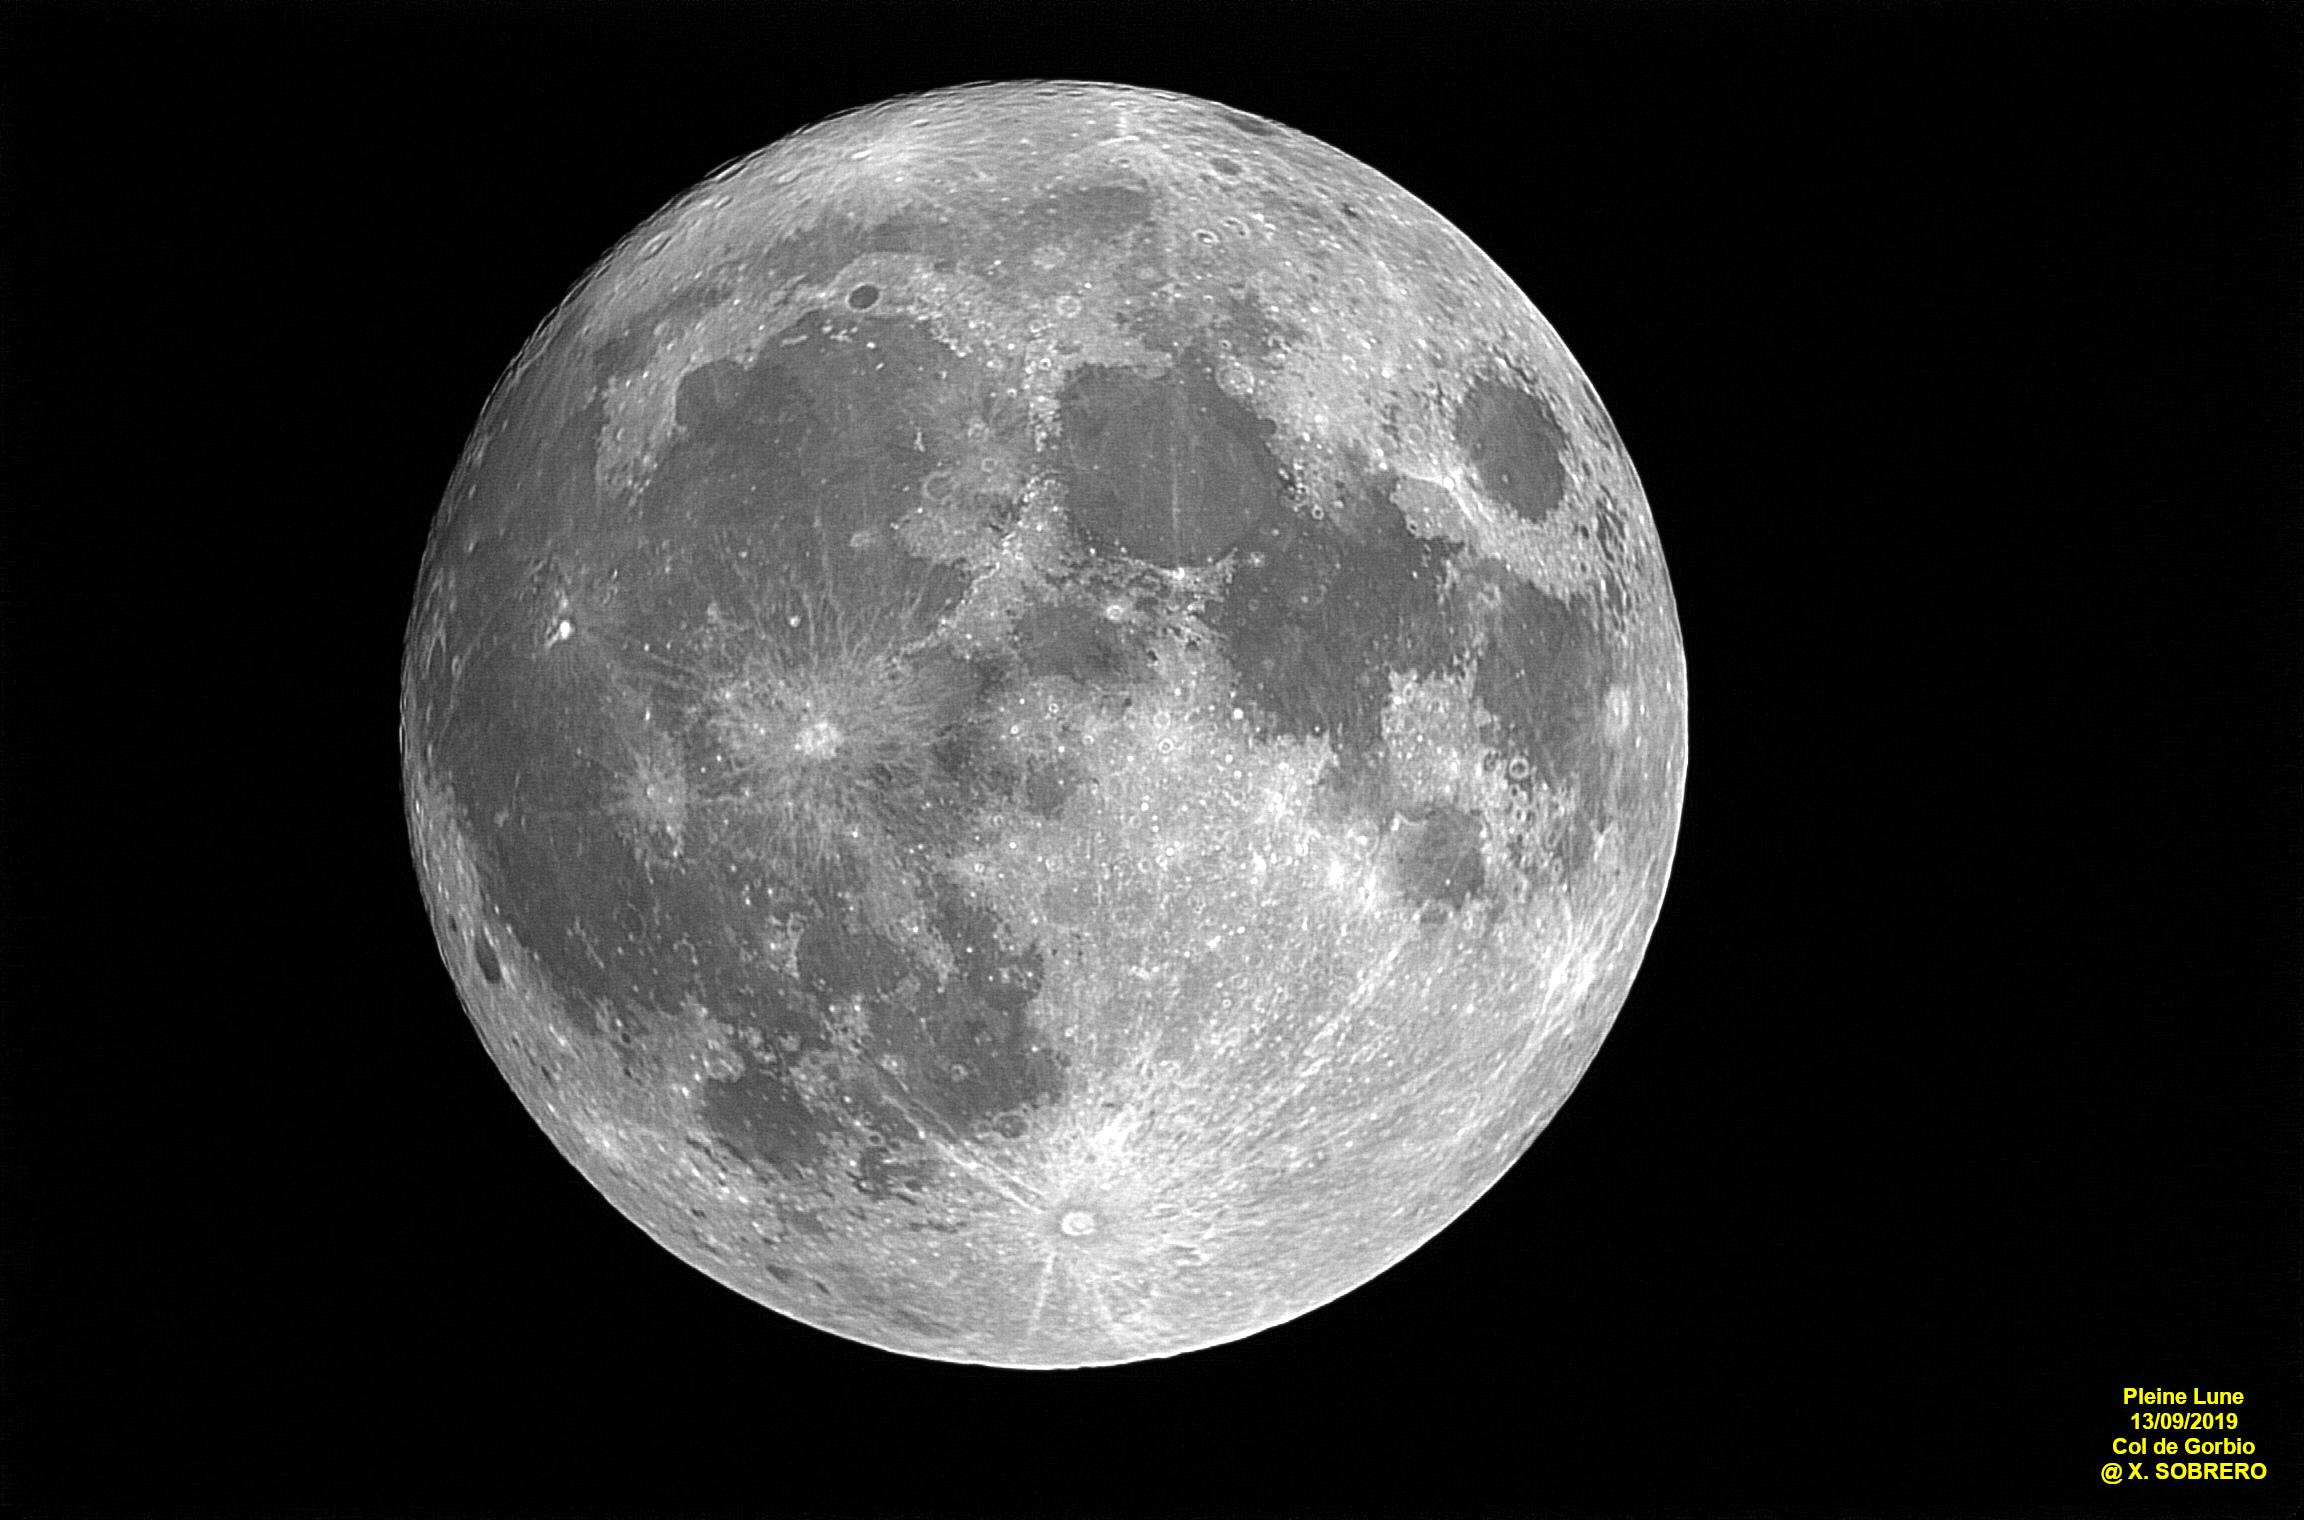 Pleine Lune du 13/09/2019